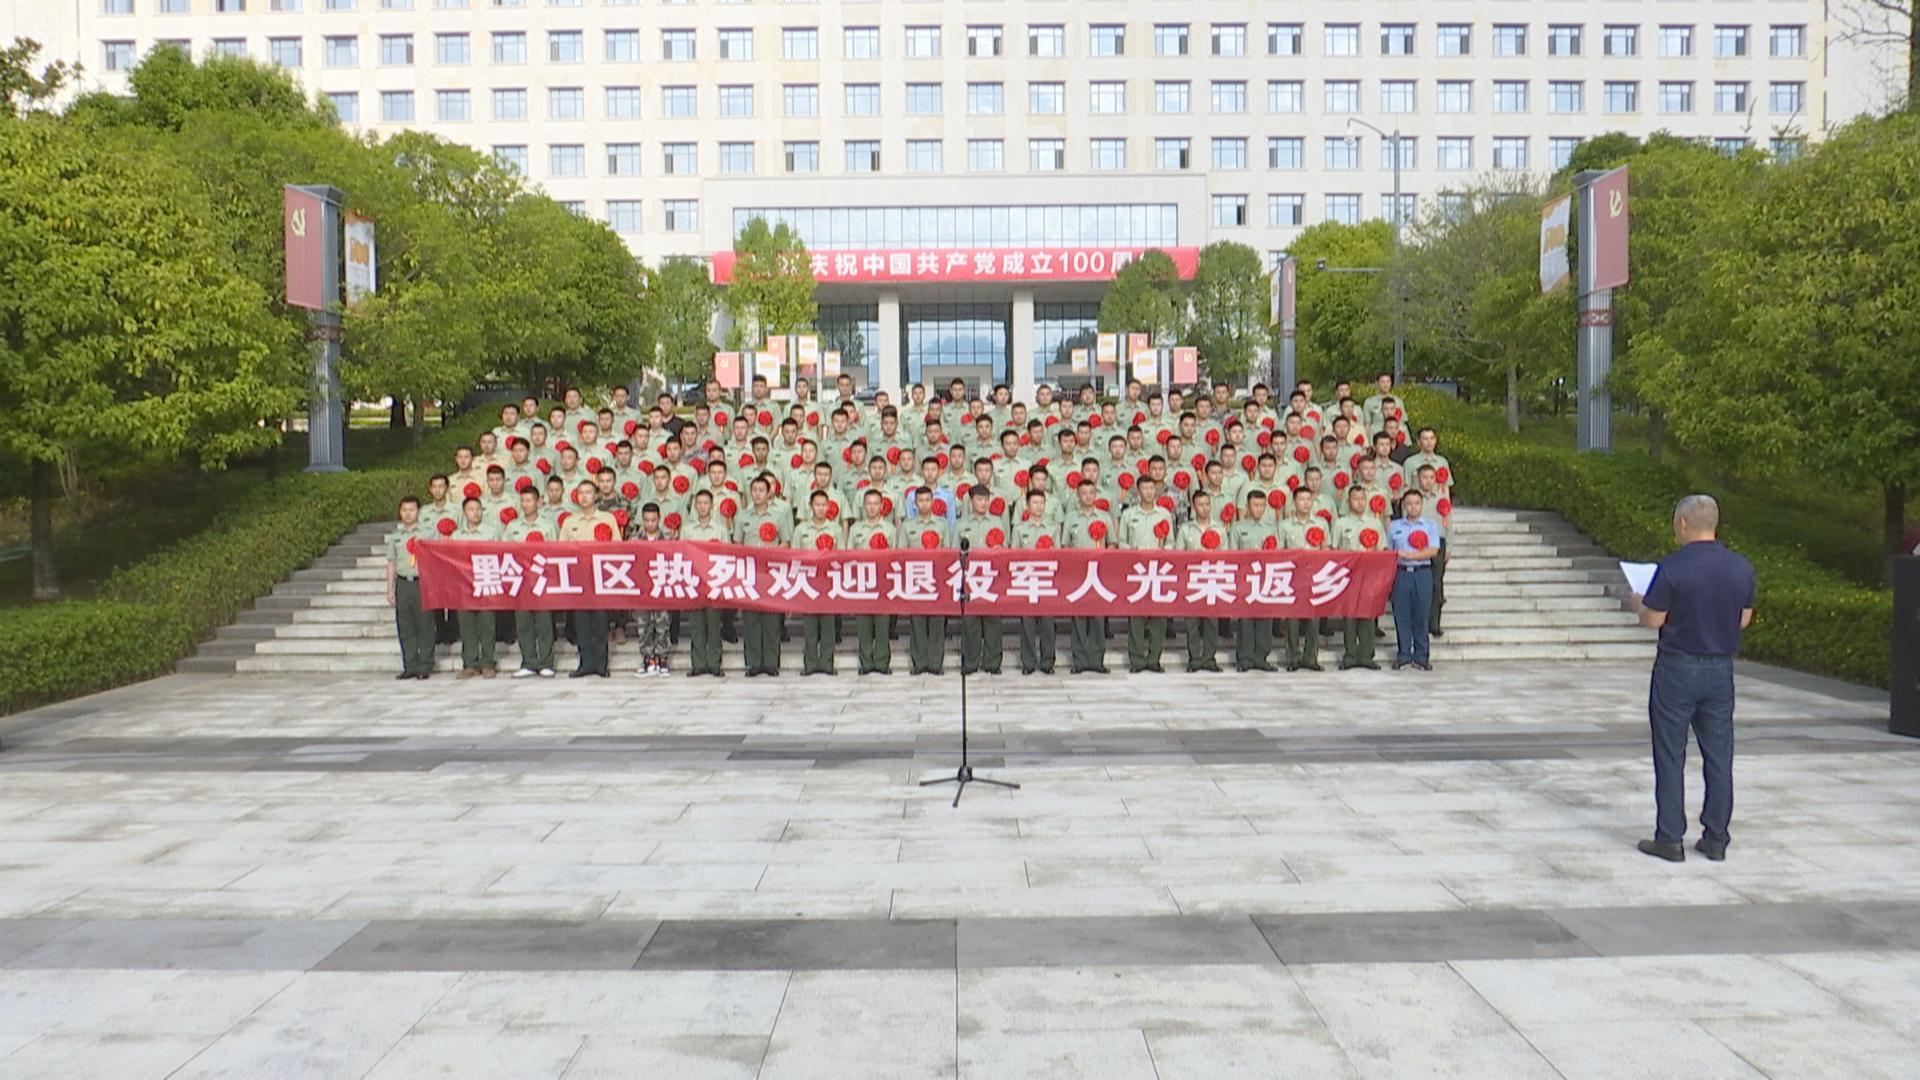 黔江区举行2021年退役士兵返乡欢迎仪式